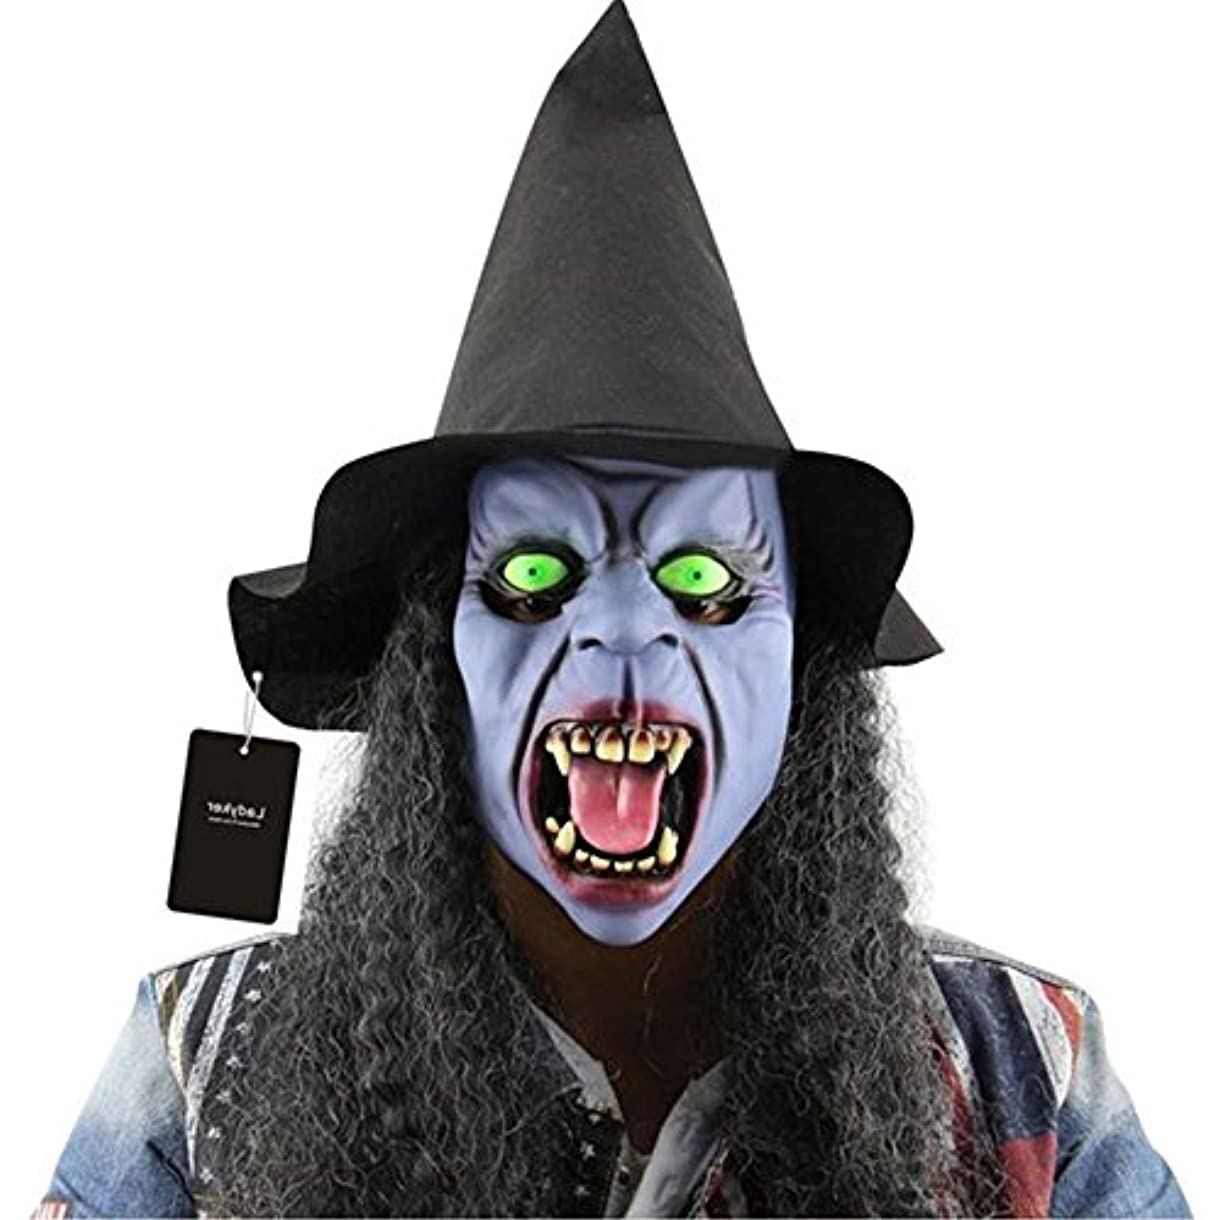 観点即席悪いAuntwhale ハロウィーンマスク大人恐怖コスチューム、ホラー夜の魔女ファンシーマスカレードパーティハロウィンマスク、フェスティバル通気性ギフトヘッドマスク